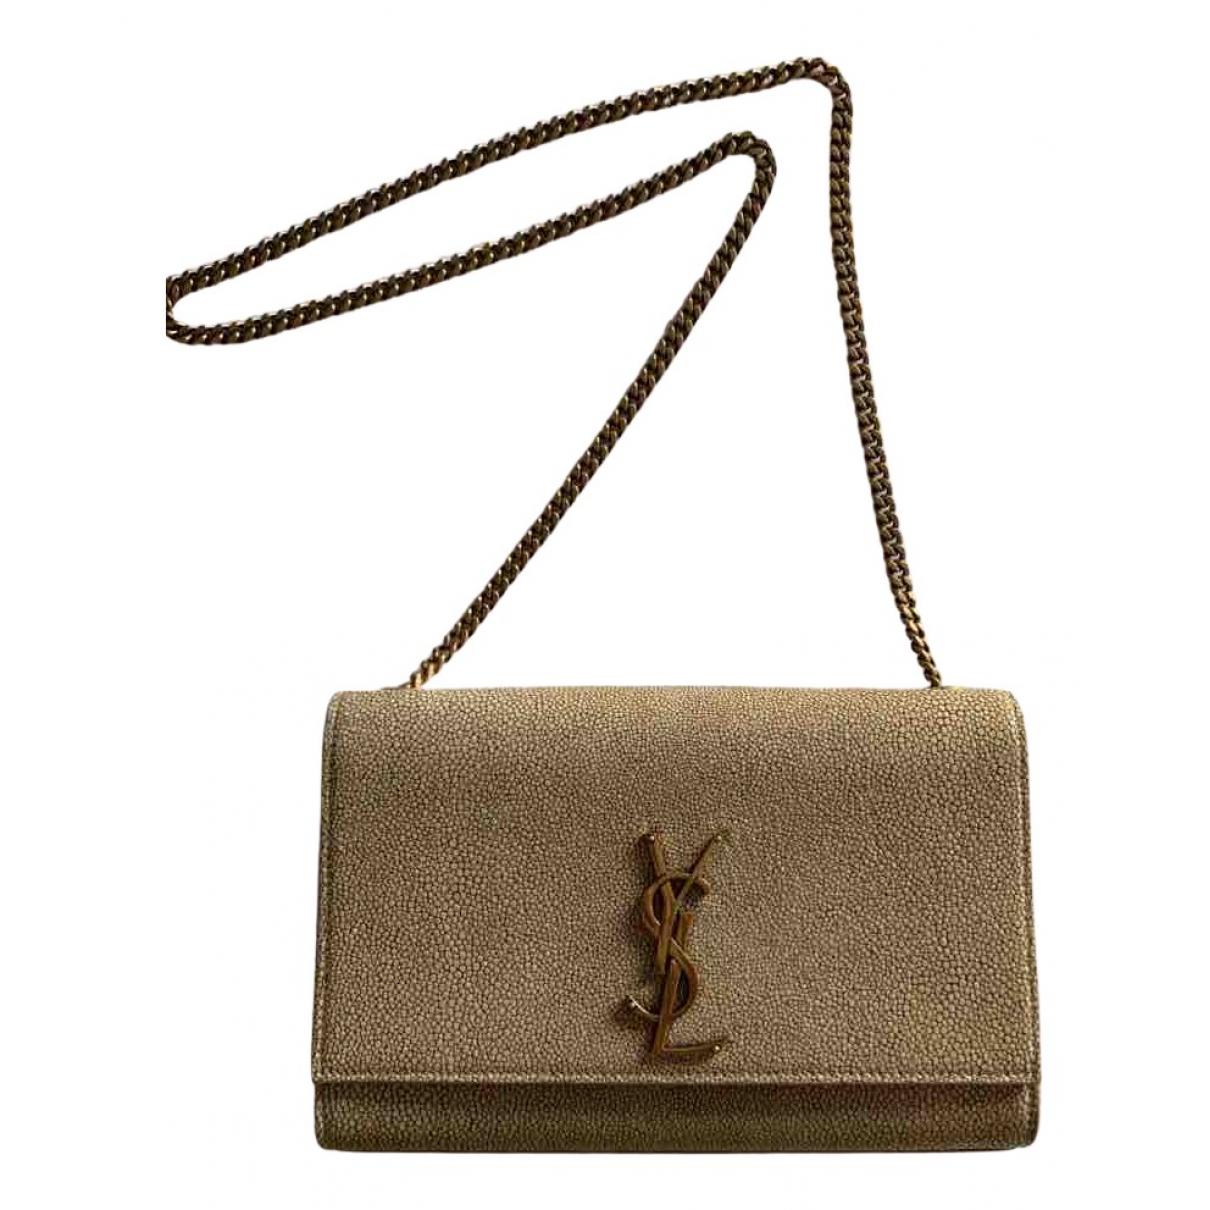 Saint Laurent - Sac a main Kate monogramme pour femme en cuir - beige